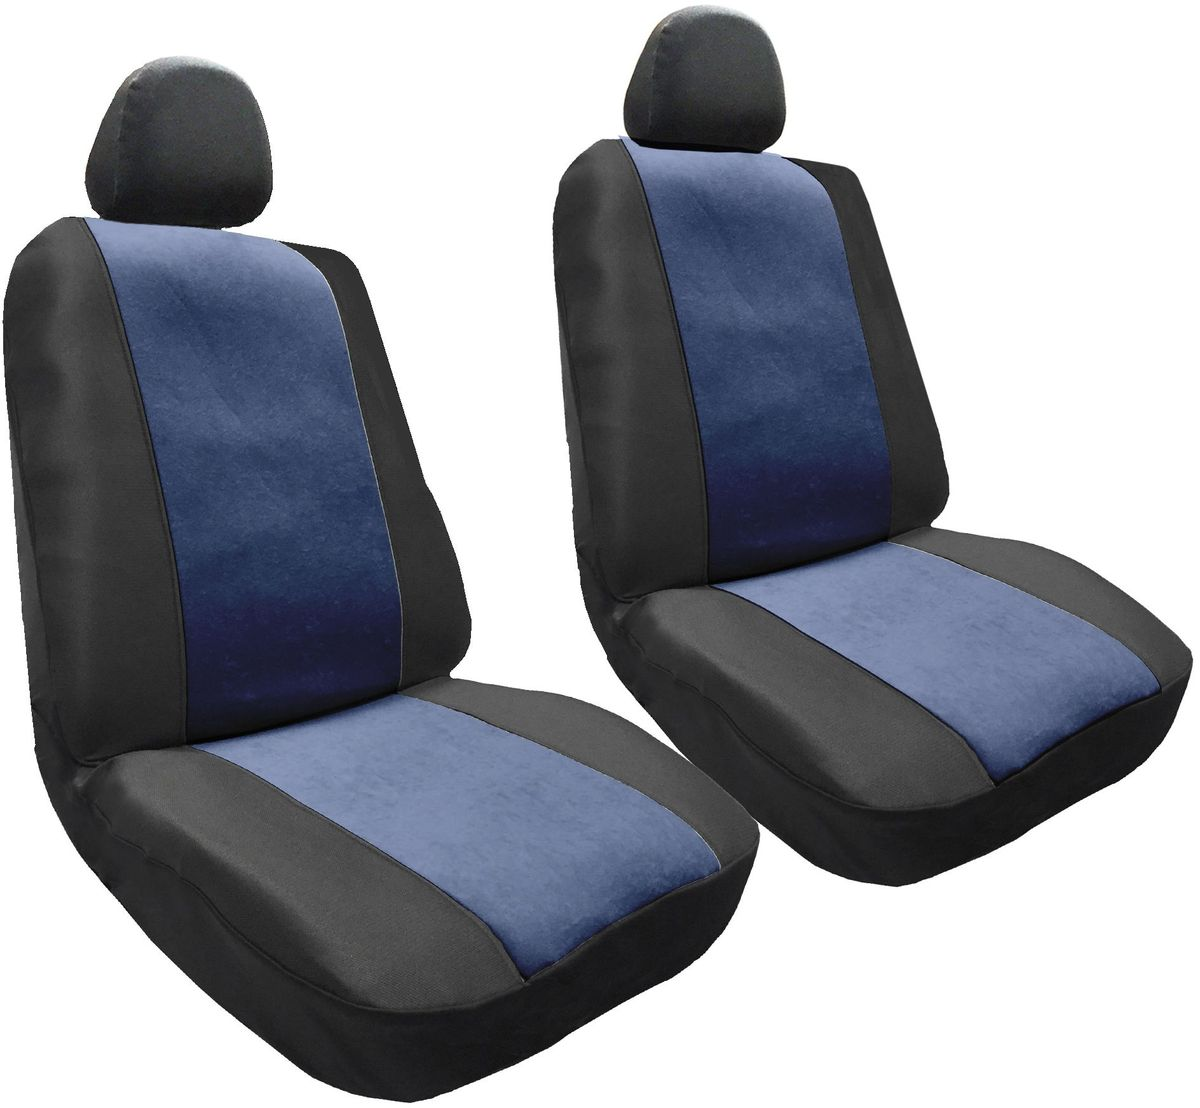 Набор автомобильных чехлов Auto Premium Корвет, цвет: черный, синий, 4 предмета57302Комплект универсальных чехлов Auto Premium Корвет выполнен из велюра. Предназначен для передних кресел автомобиля. В комплект входят съемные чехлы для подголовников. Практичный и долговечный комплект чехлов для передних сидений надежно защищает сиденье водителя и пассажира от механических повреждений, загрязнений и износа.